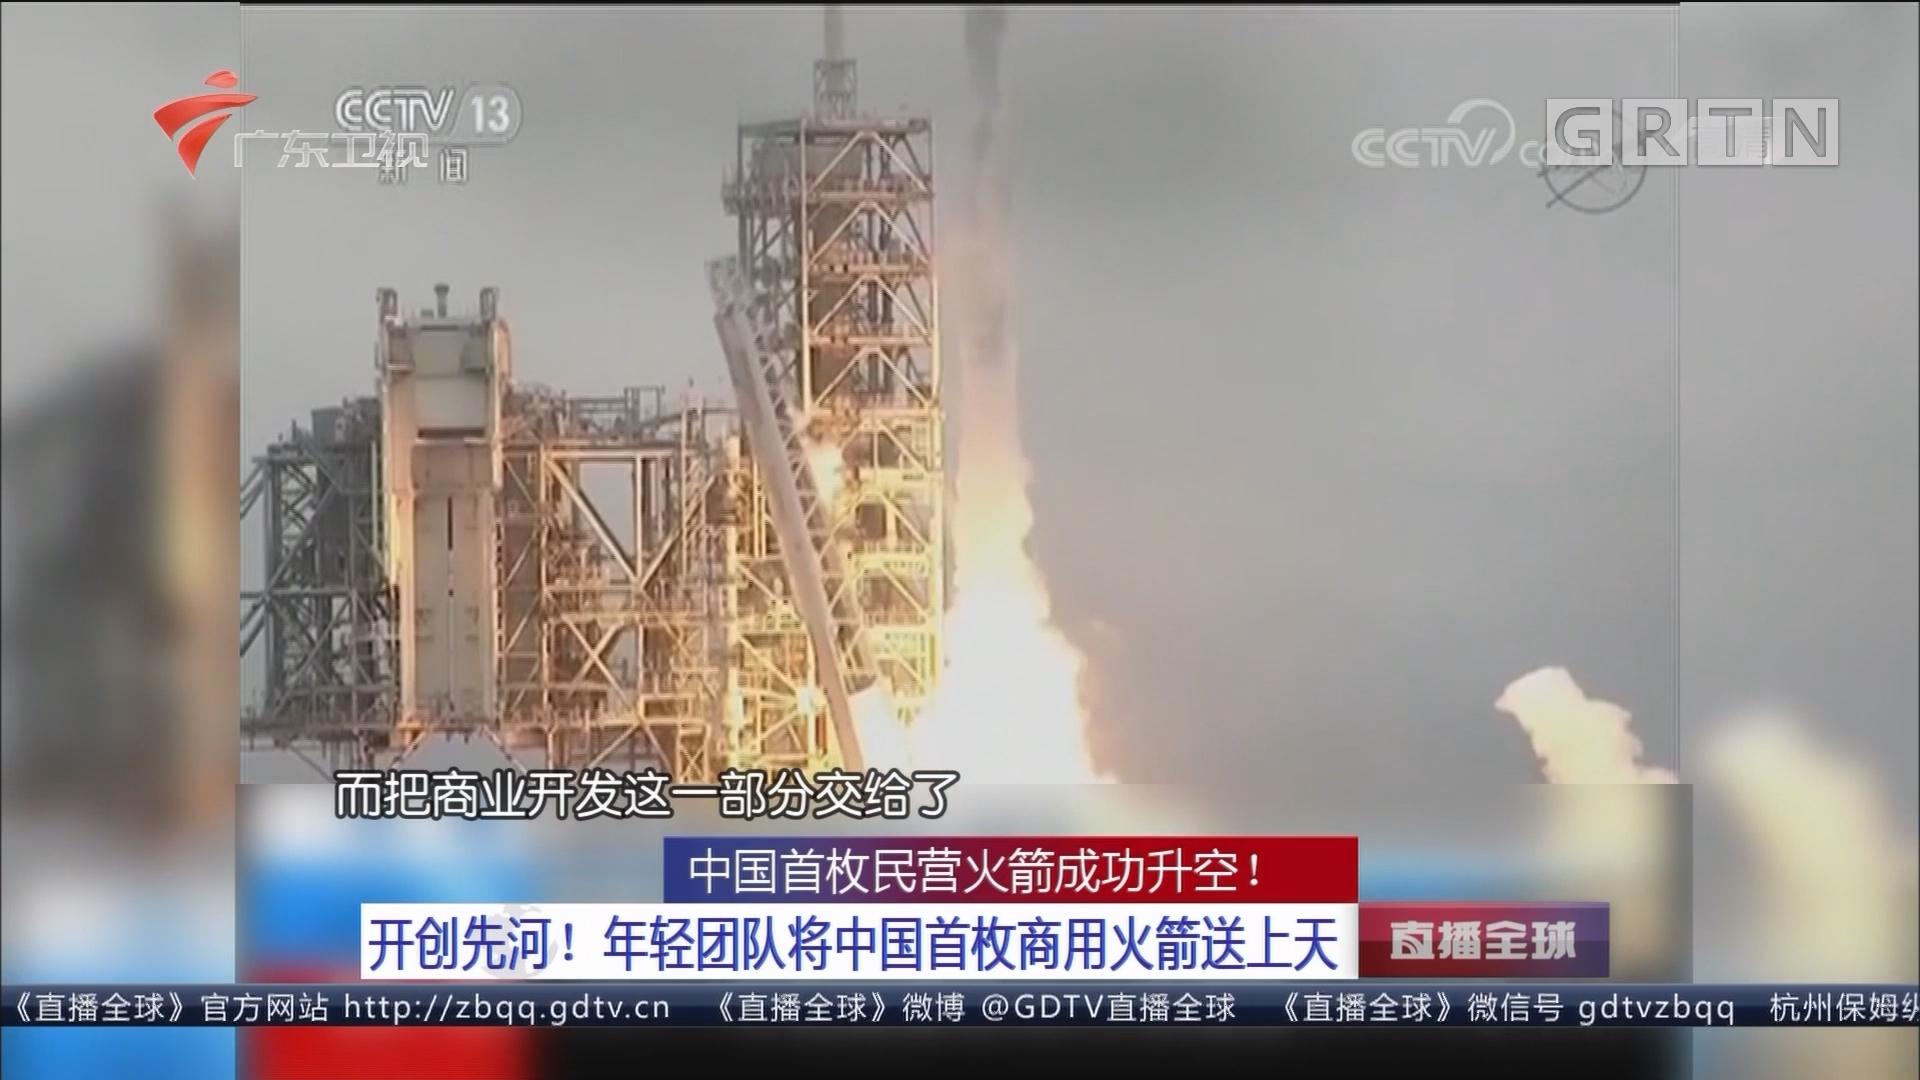 中国首枚民营火箭成功升空! 开创先河!年轻团队将中国首枚商用火箭送上天